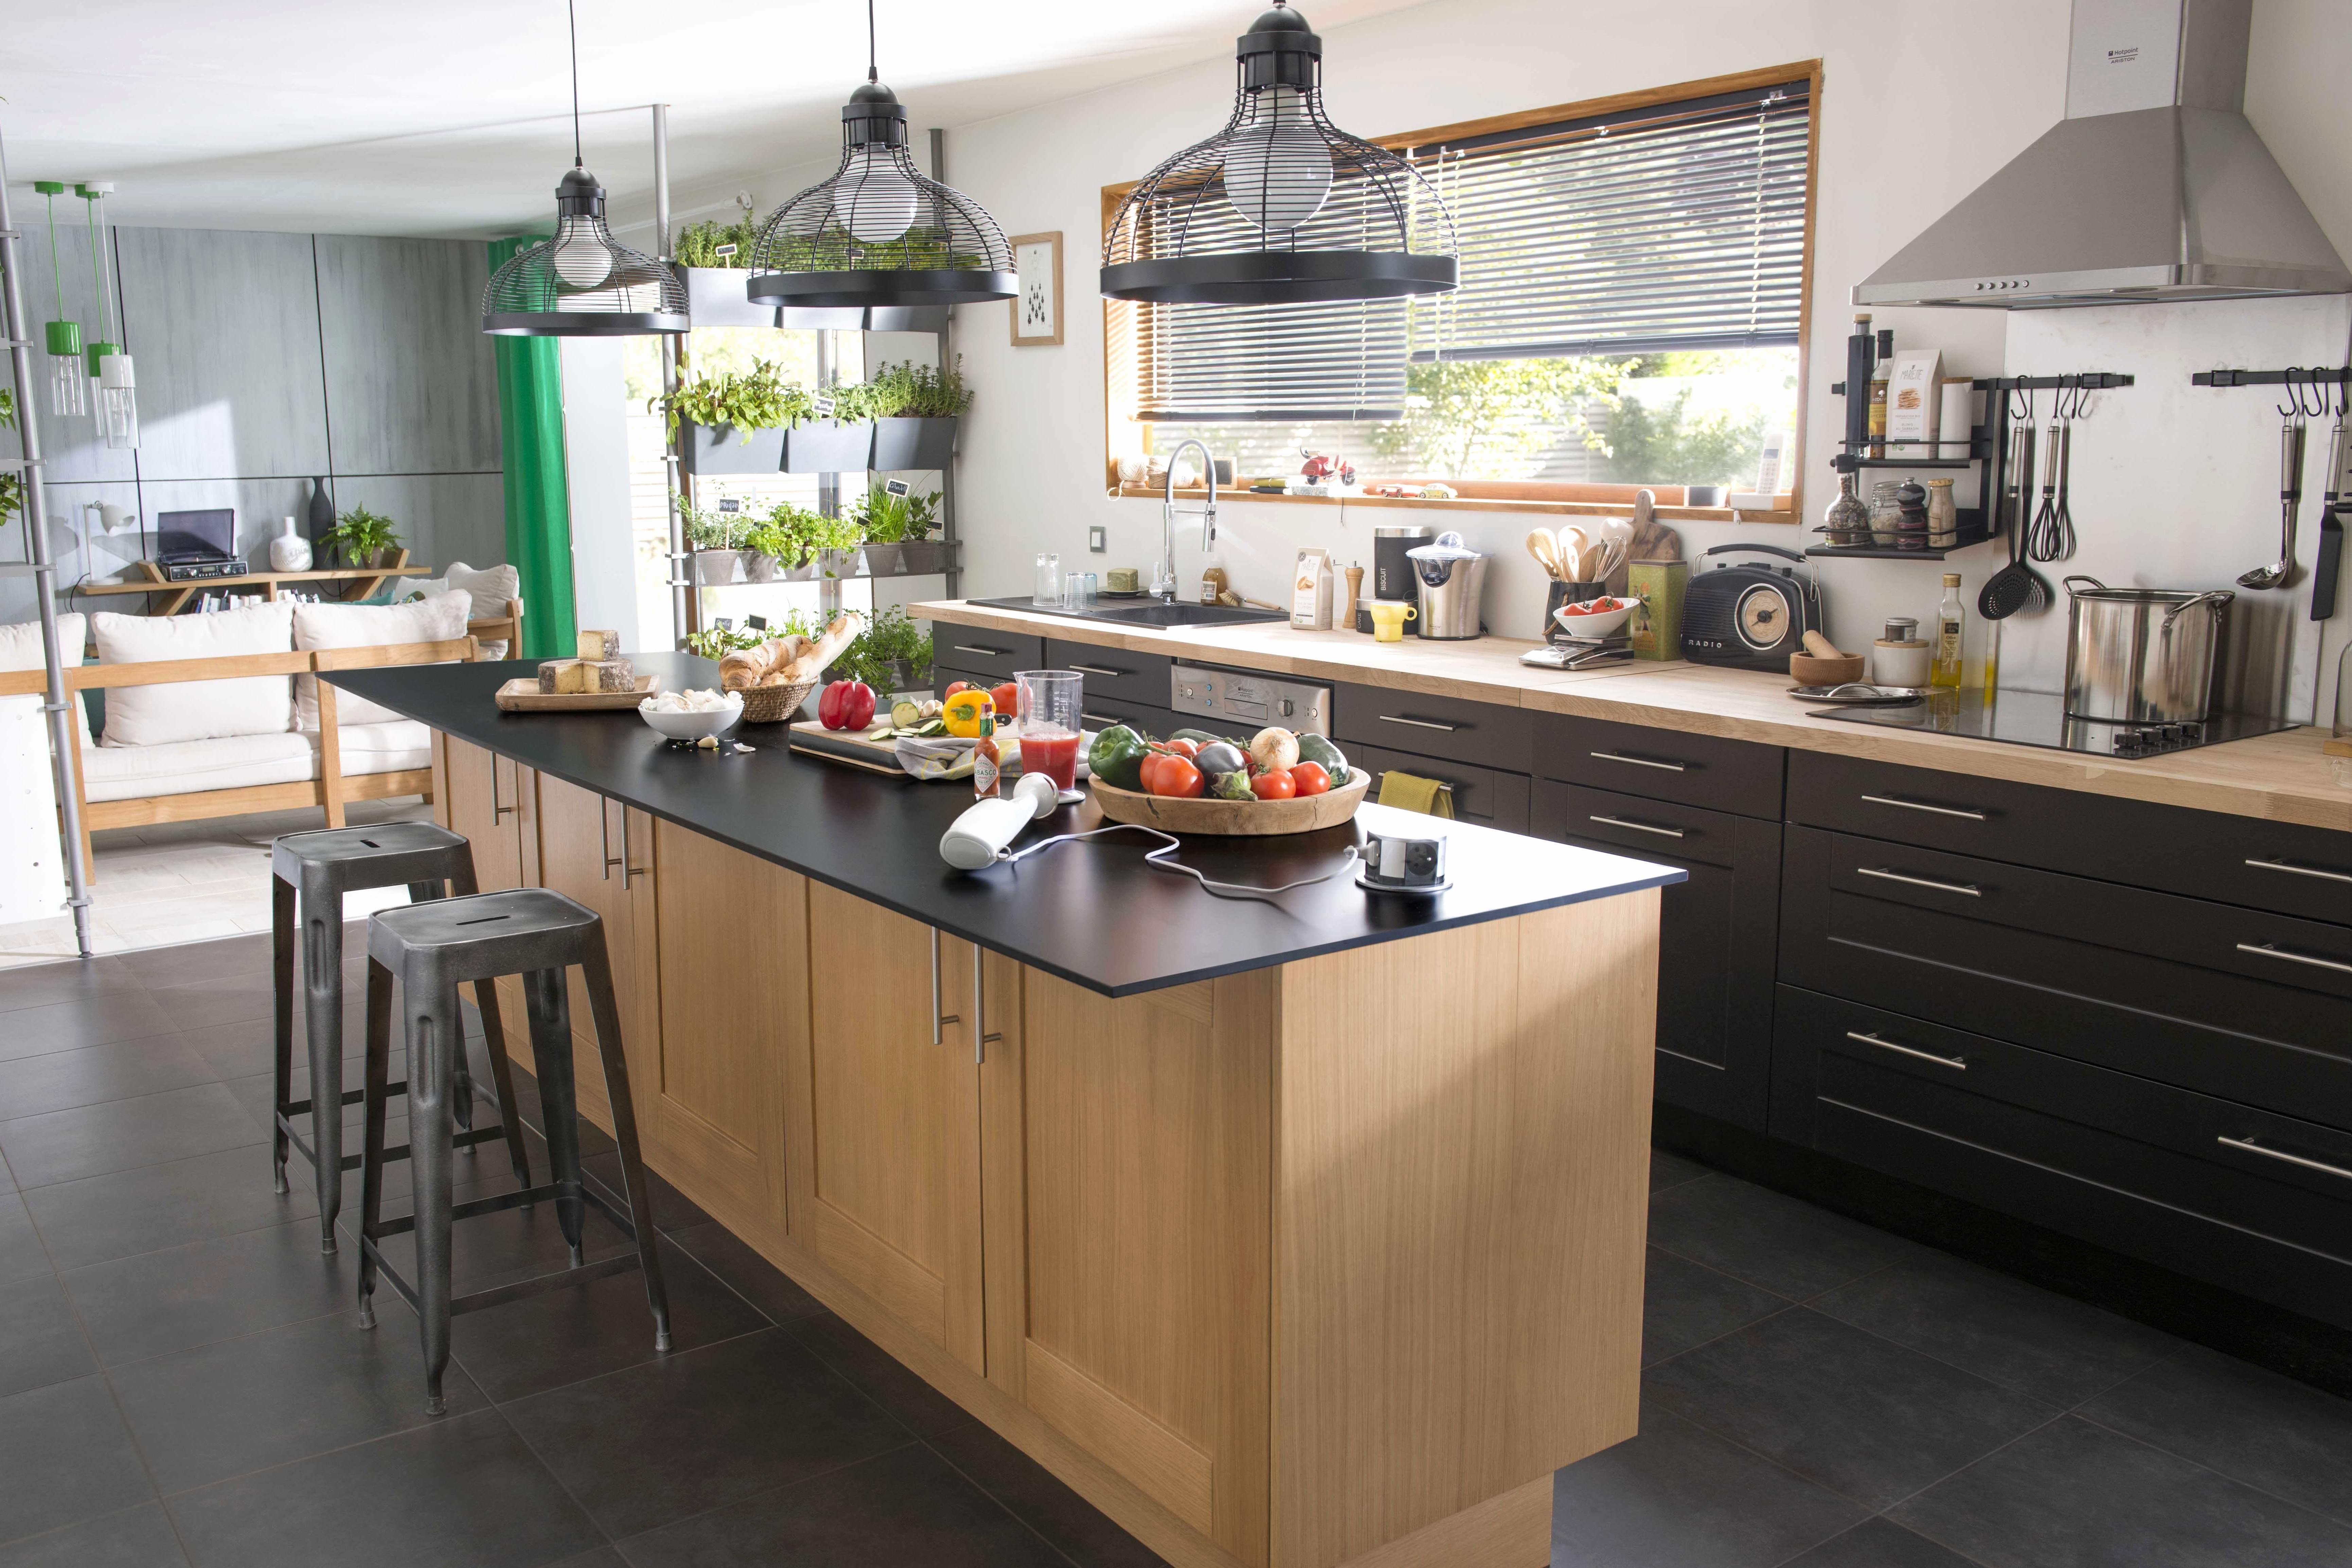 Cuisine Caseo Avis Impressionnant Photos 15 Nouveau Avis Cuisine socoo C Galerie De Cuisine Jardin